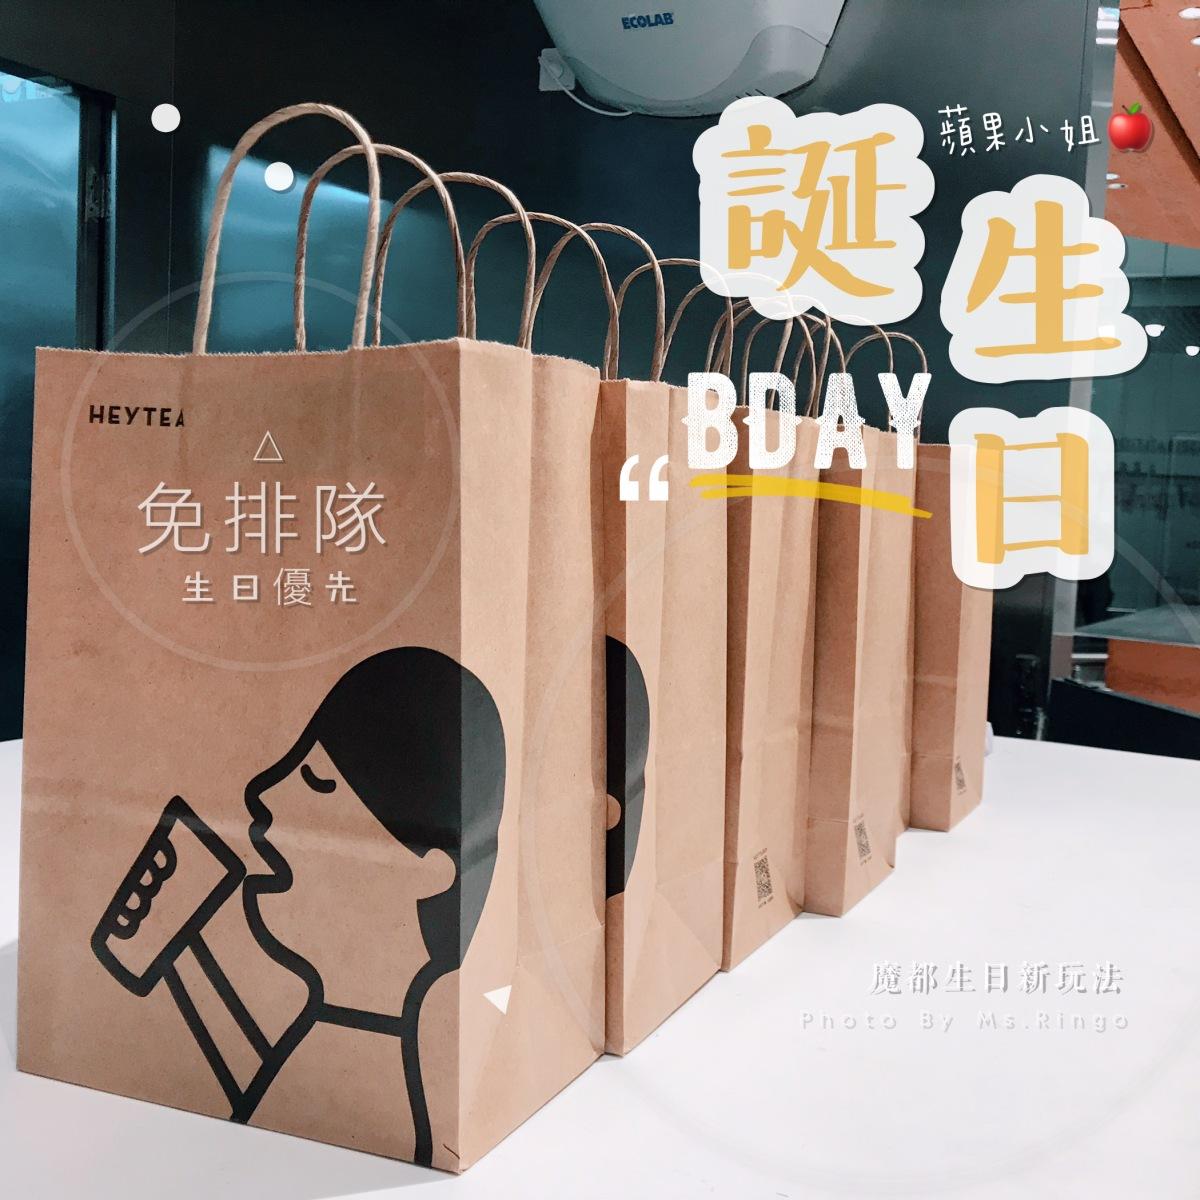 上海|喜茶・魔都生日新玩法網紅店免排隊